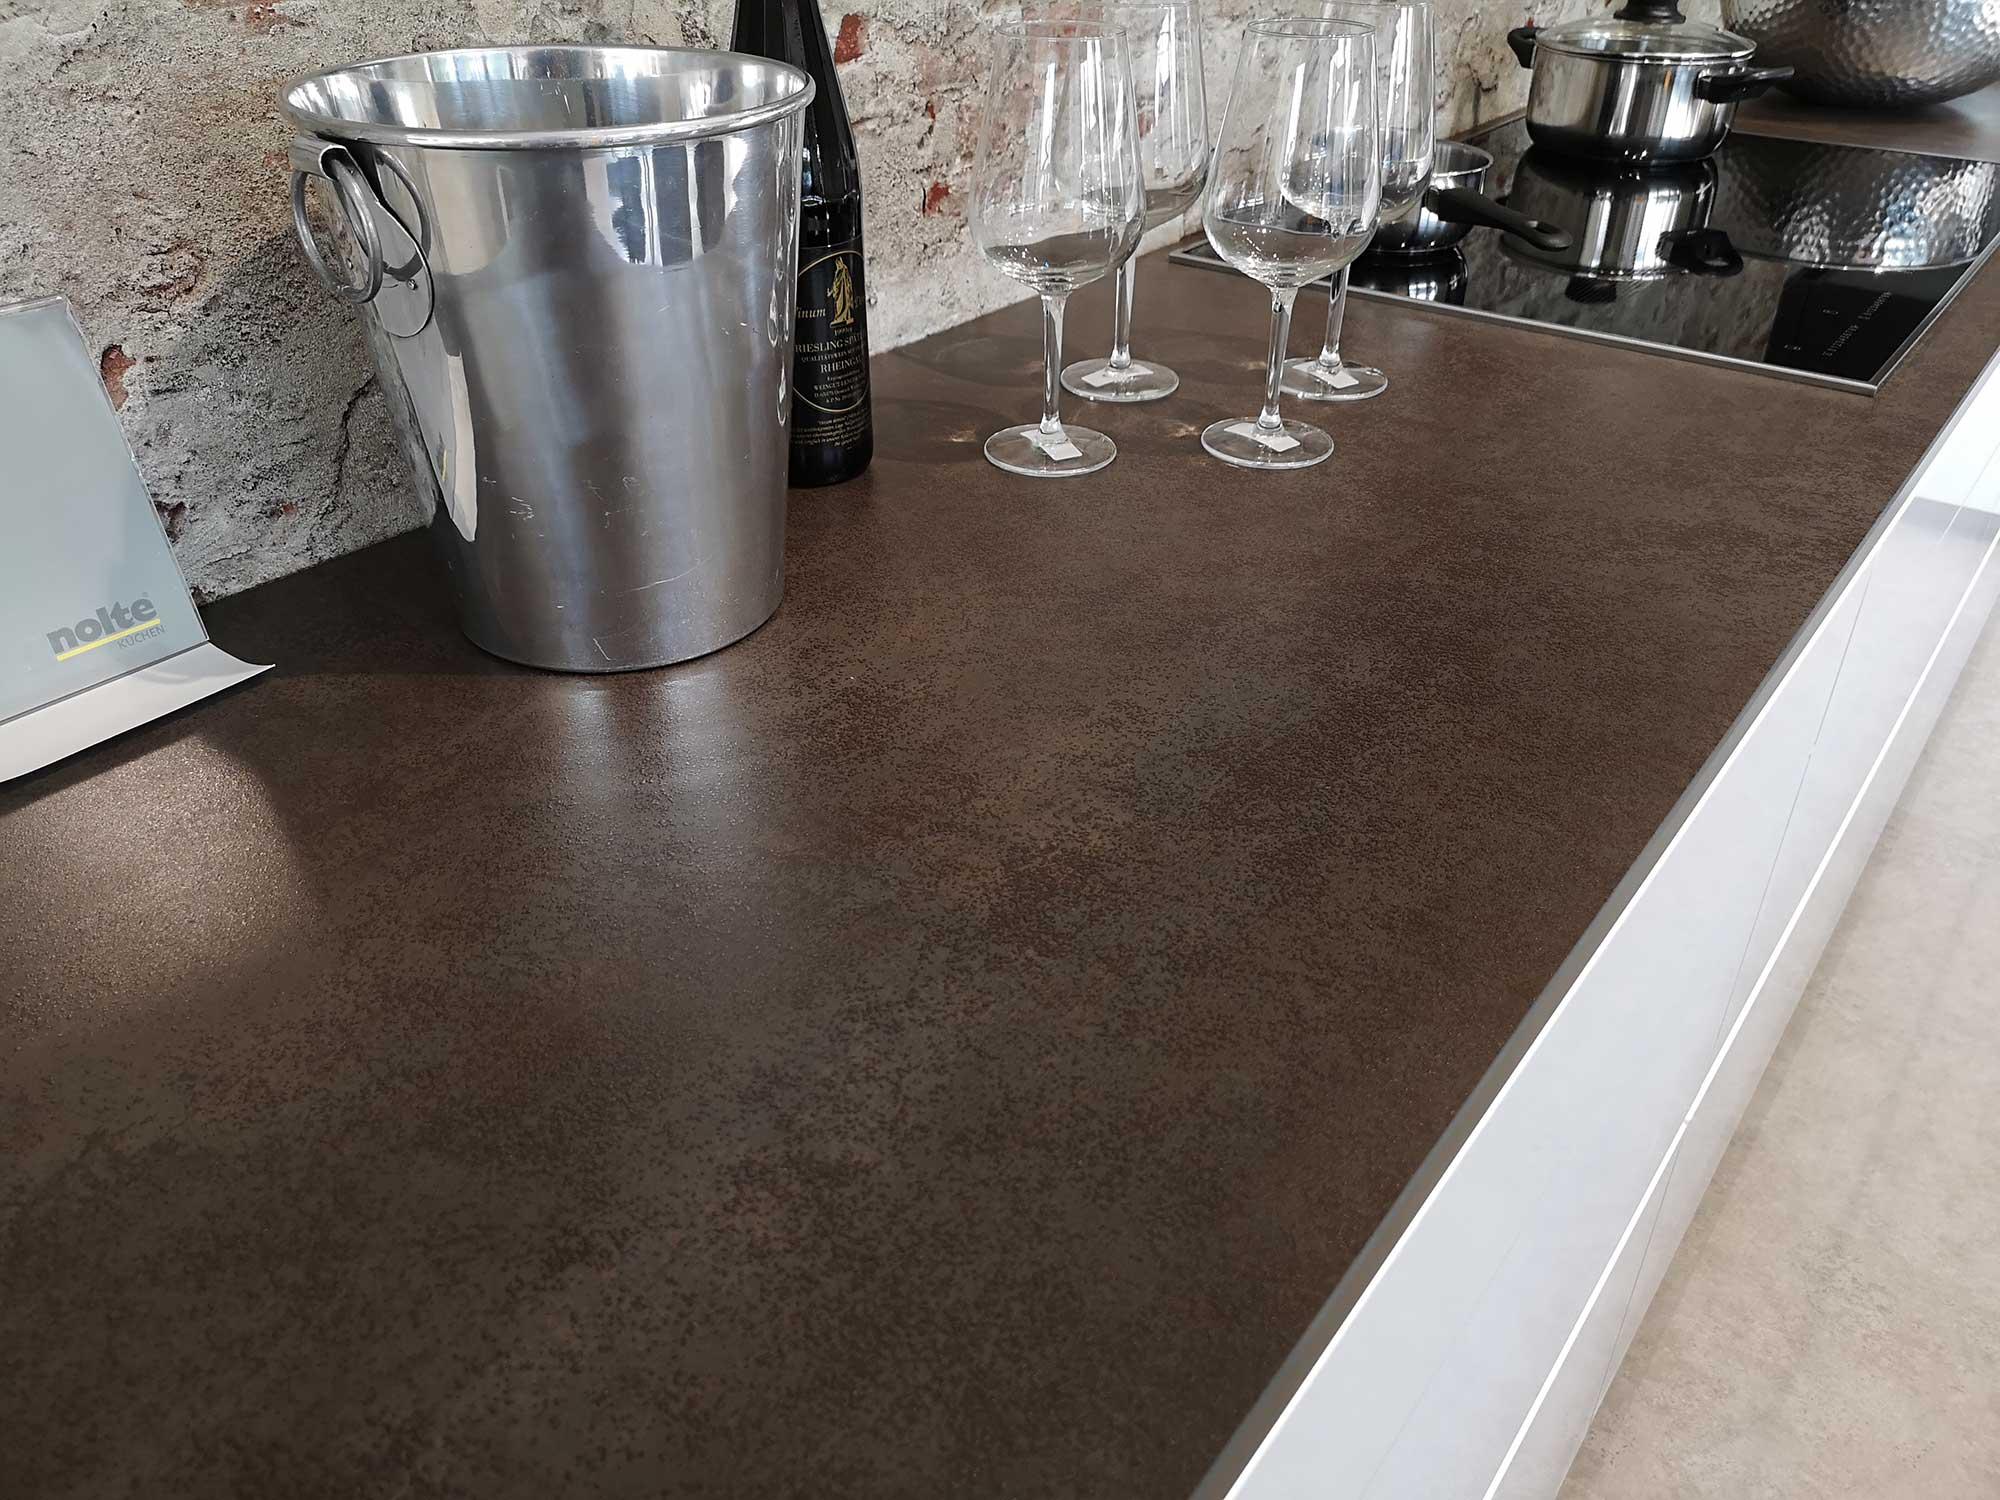 Royalart Agentur Home Natural Stone Ceramic Quartz